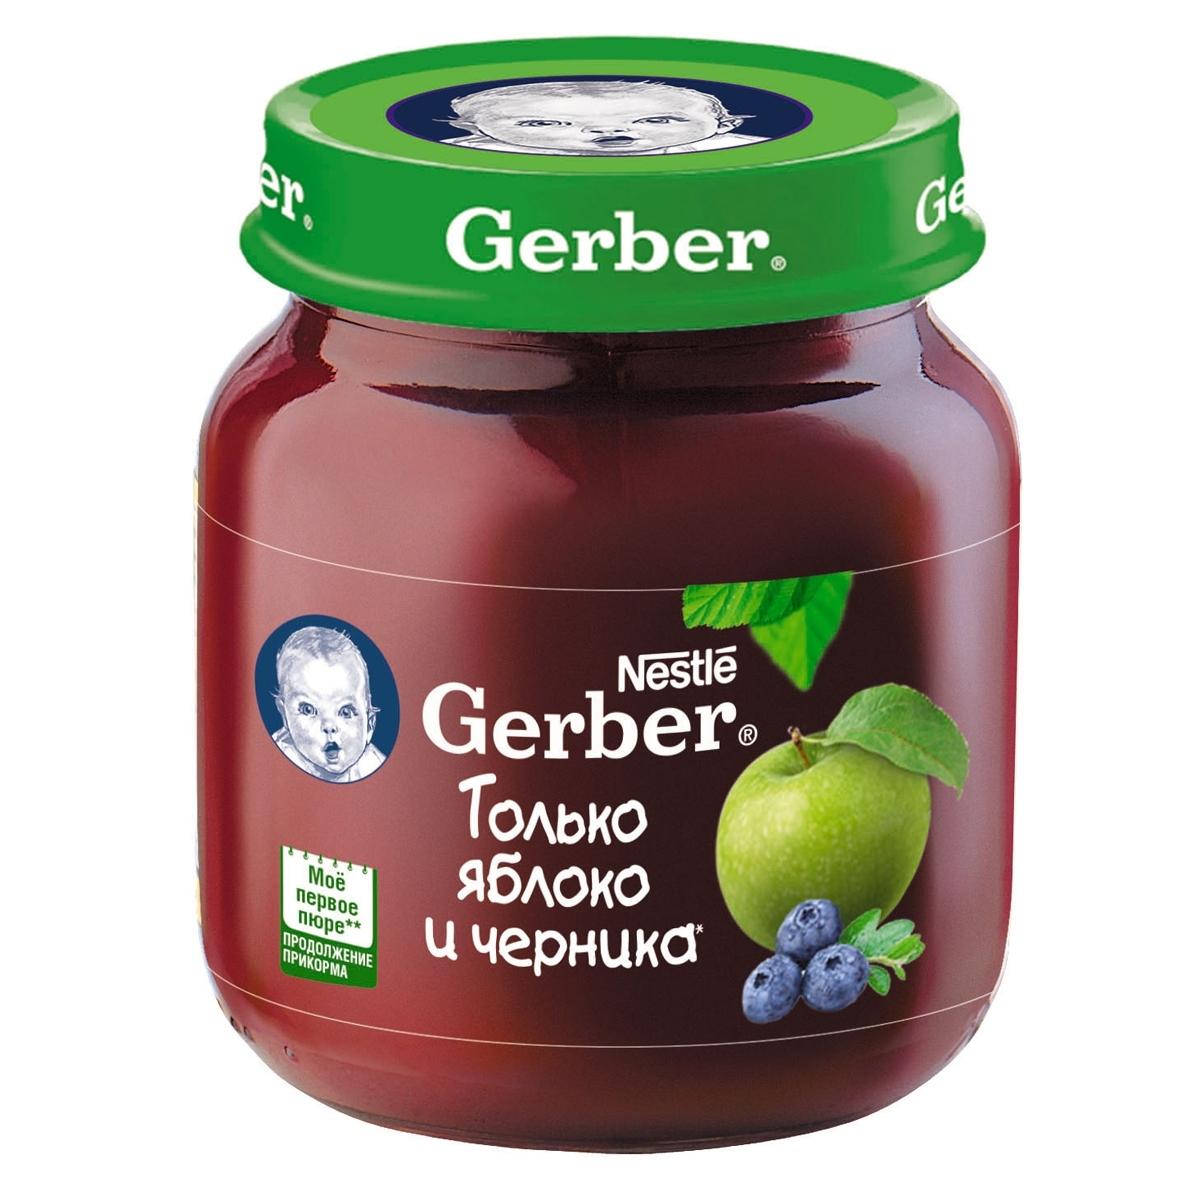 Пюре Gerber фруктовое 130 гр Яблоко с черникой  (1 ступень)<br>